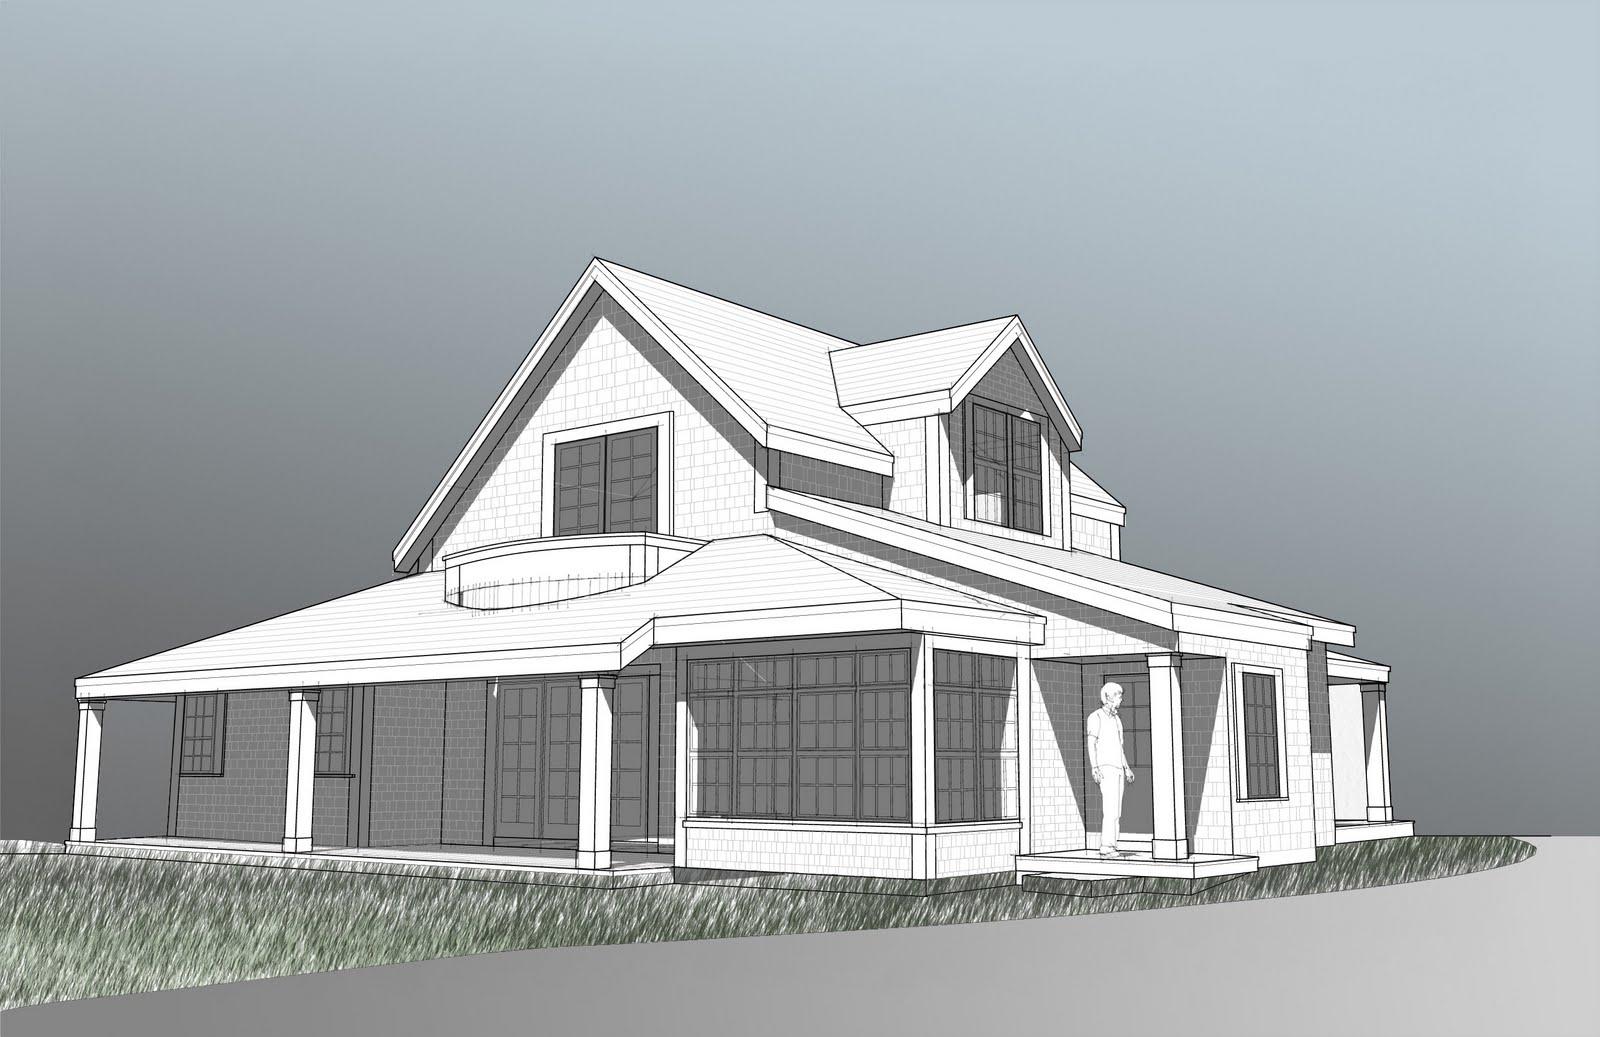 Modelos de casas dise os de casas y fachadas modelos de - Fotos de casas para dibujar ...